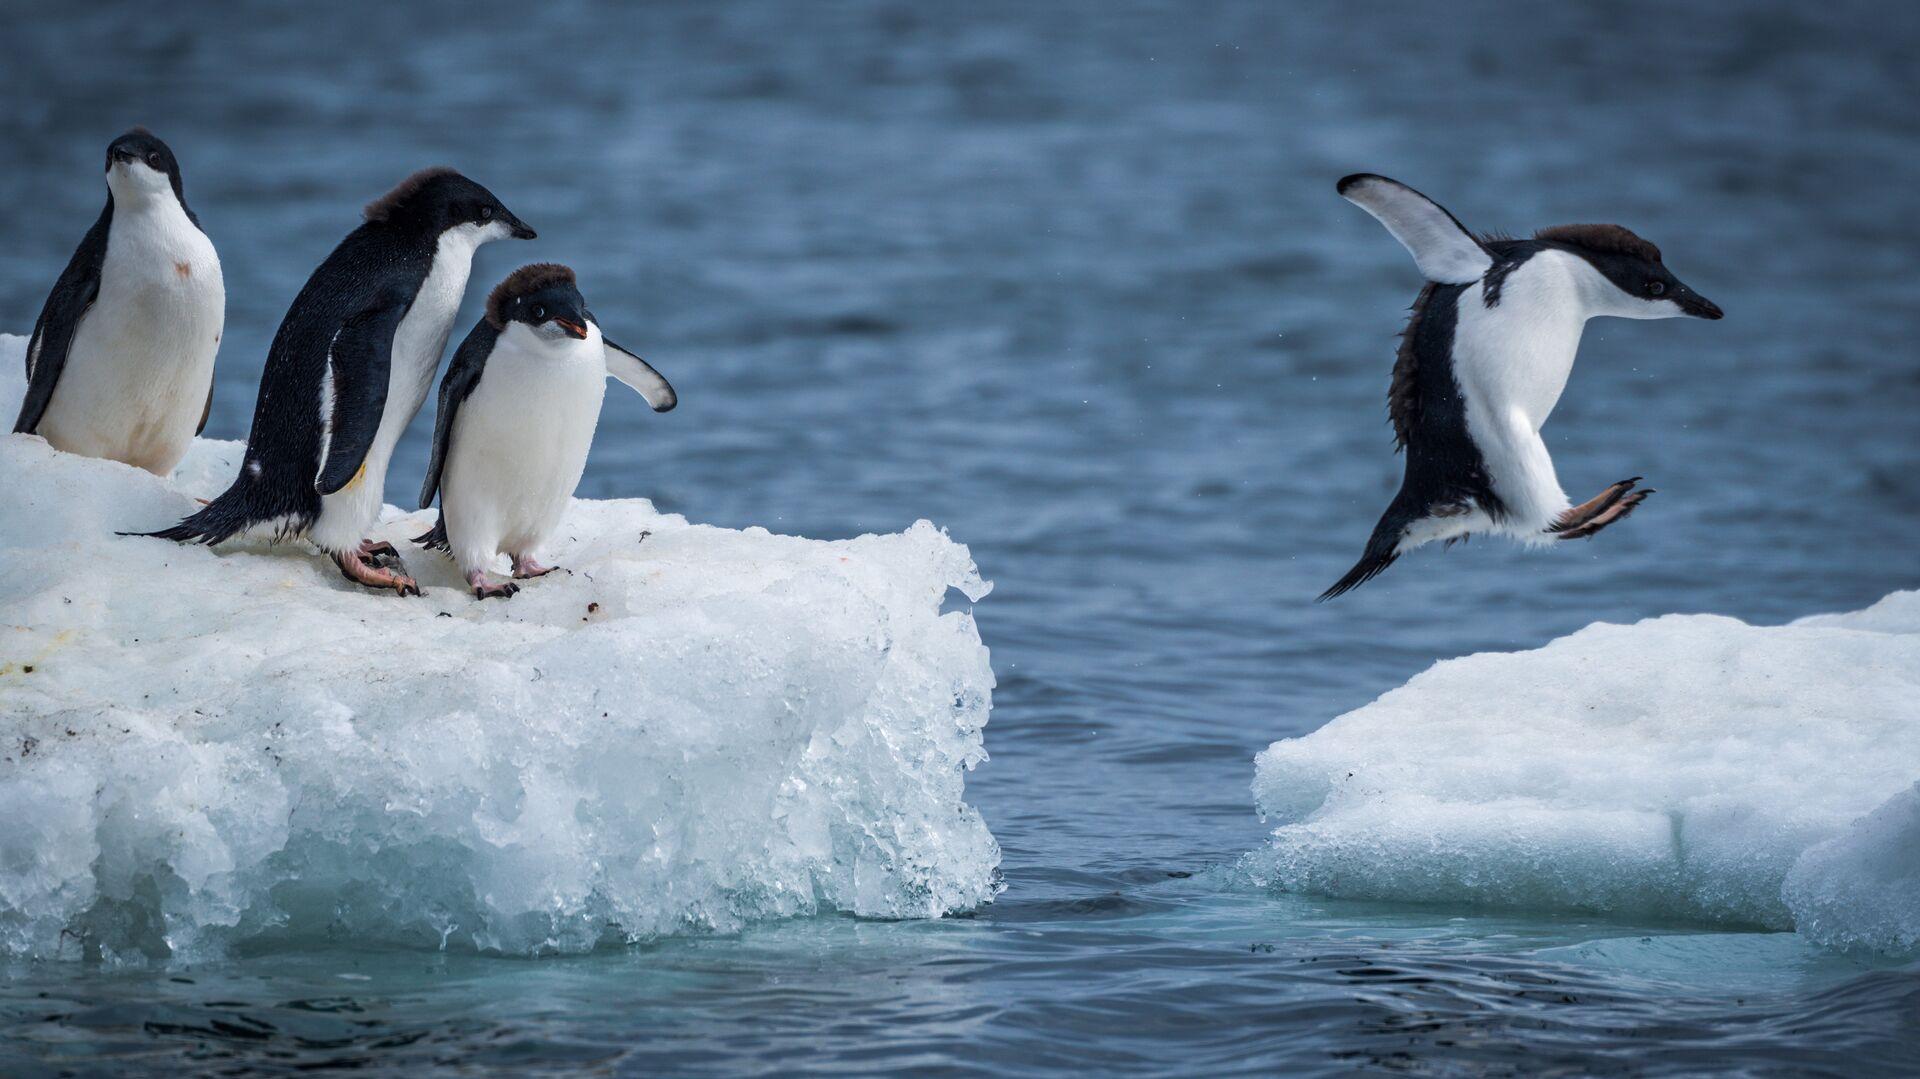 Пингвины Адели прыгают между льдинами - РИА Новости, 1920, 28.10.2016